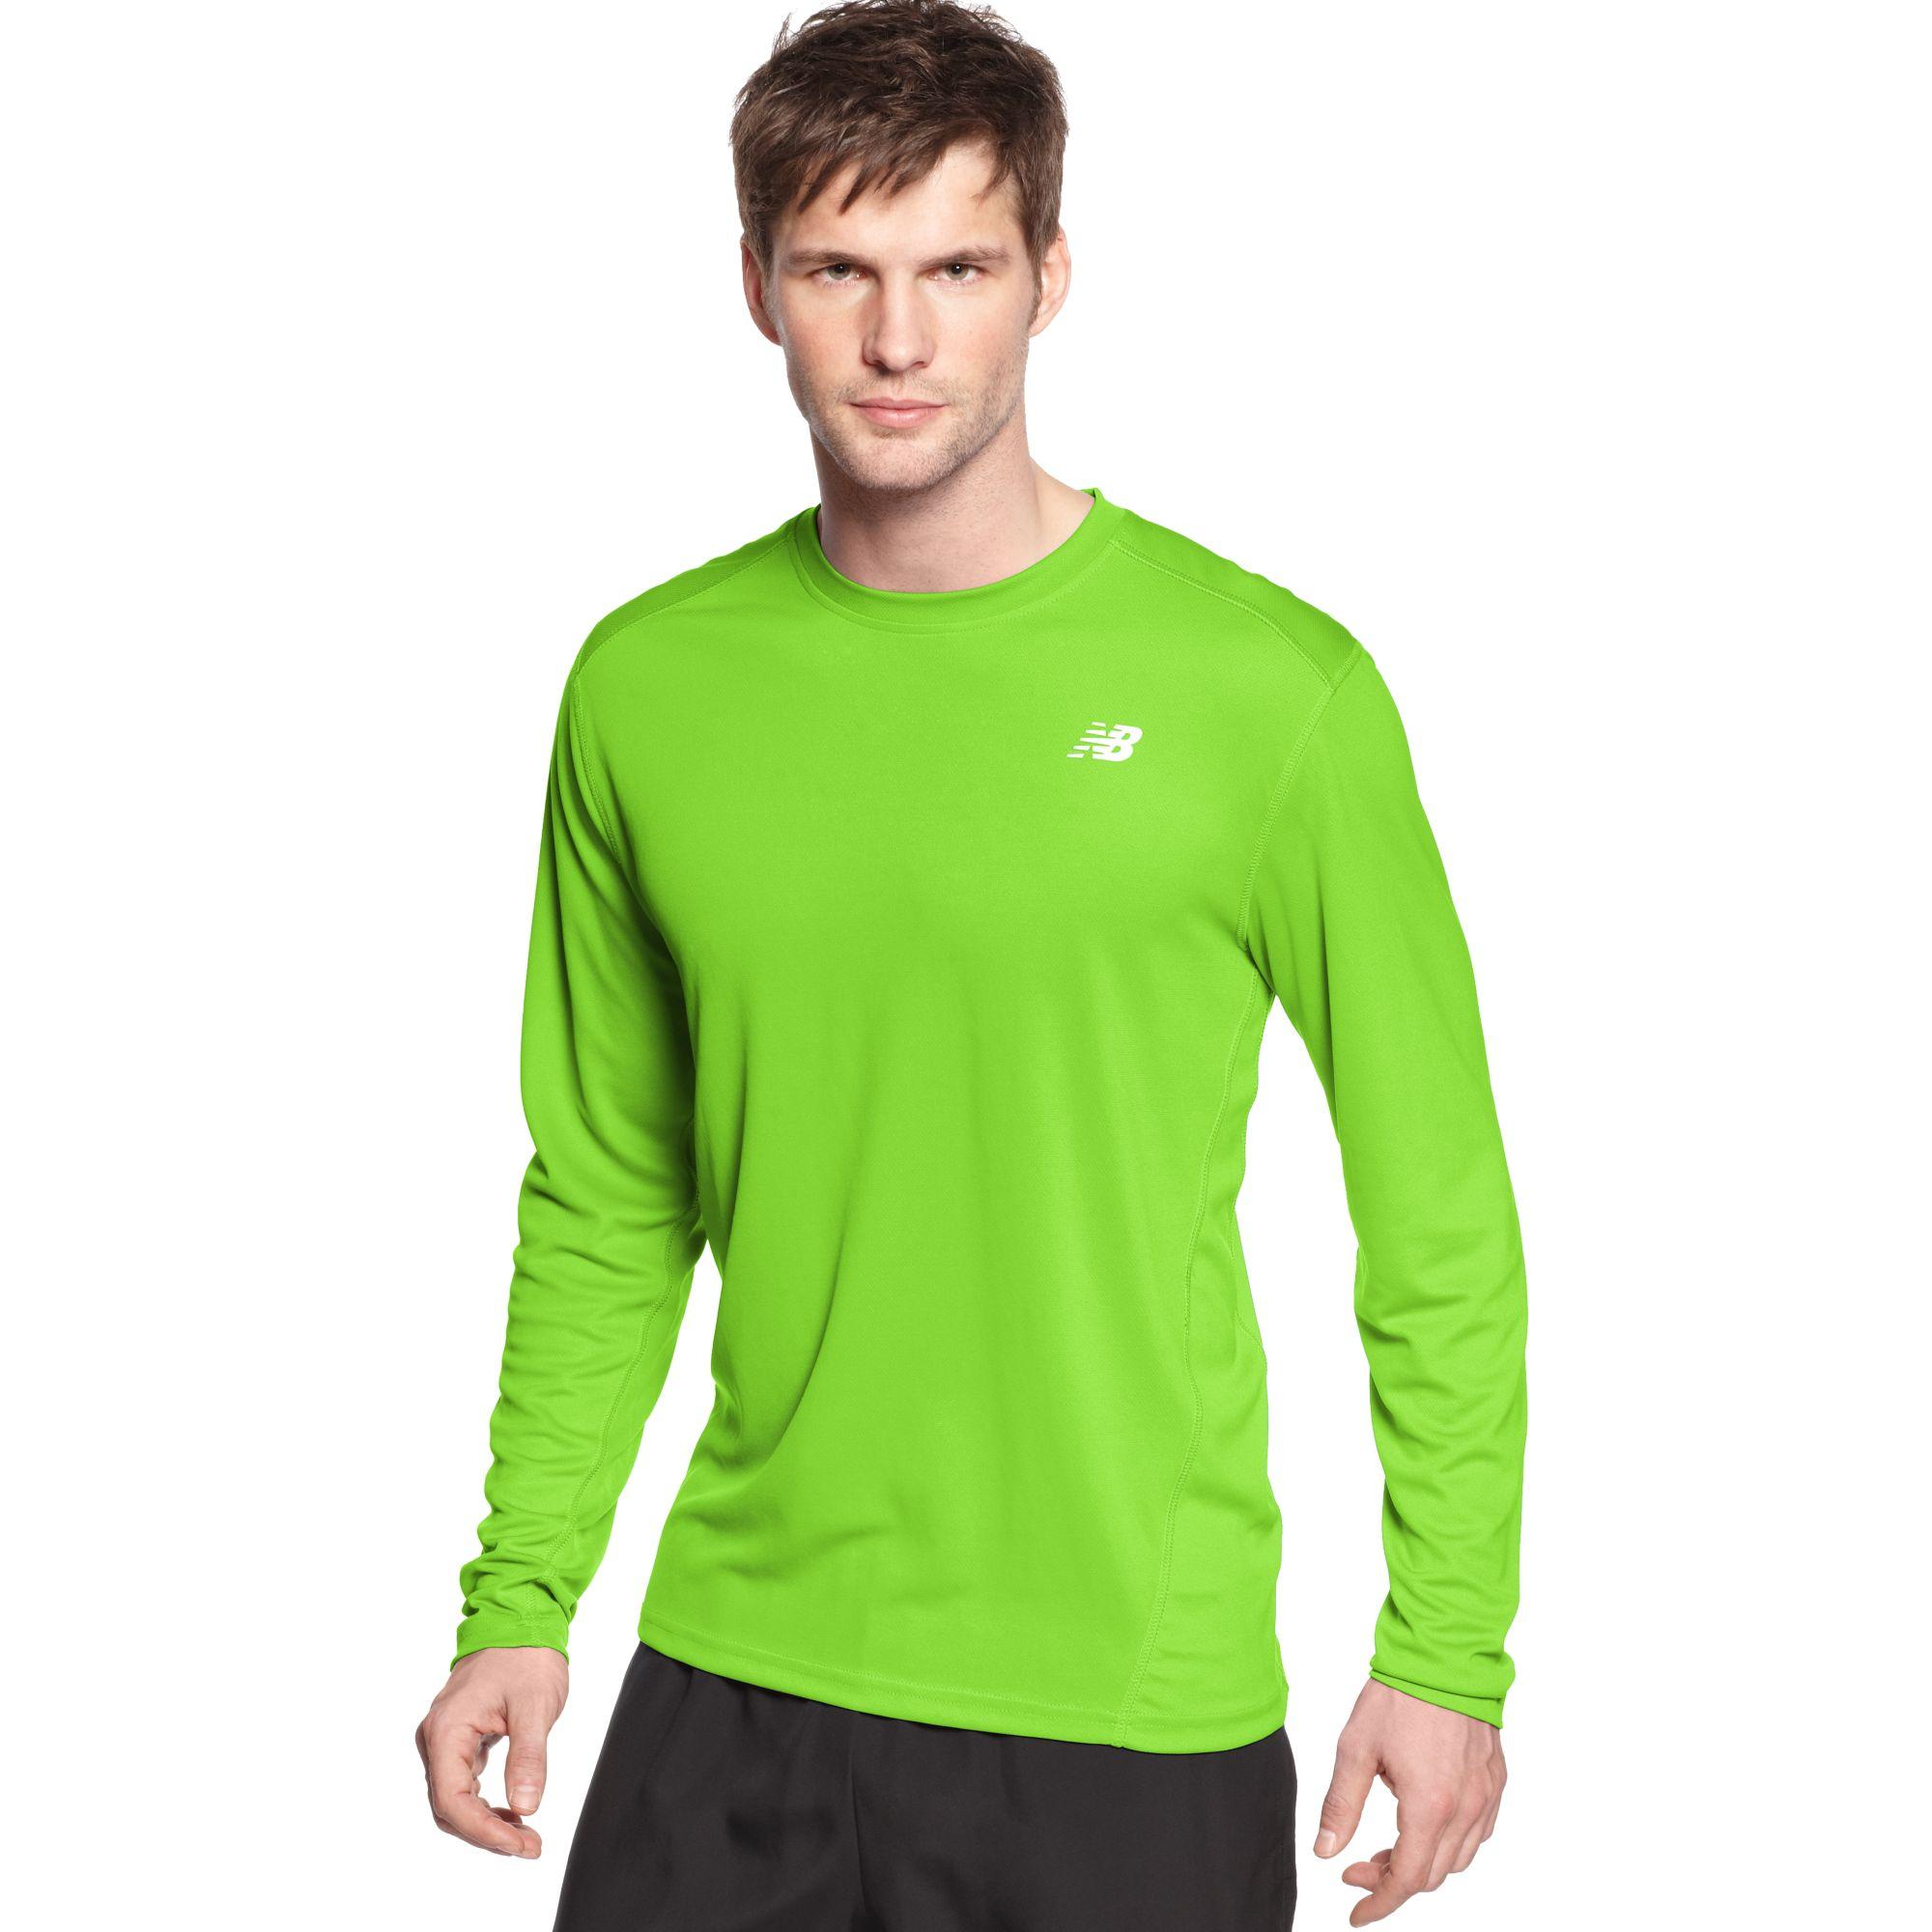 New Balance Shirt Go2 Long Sleeve Running T-shirt